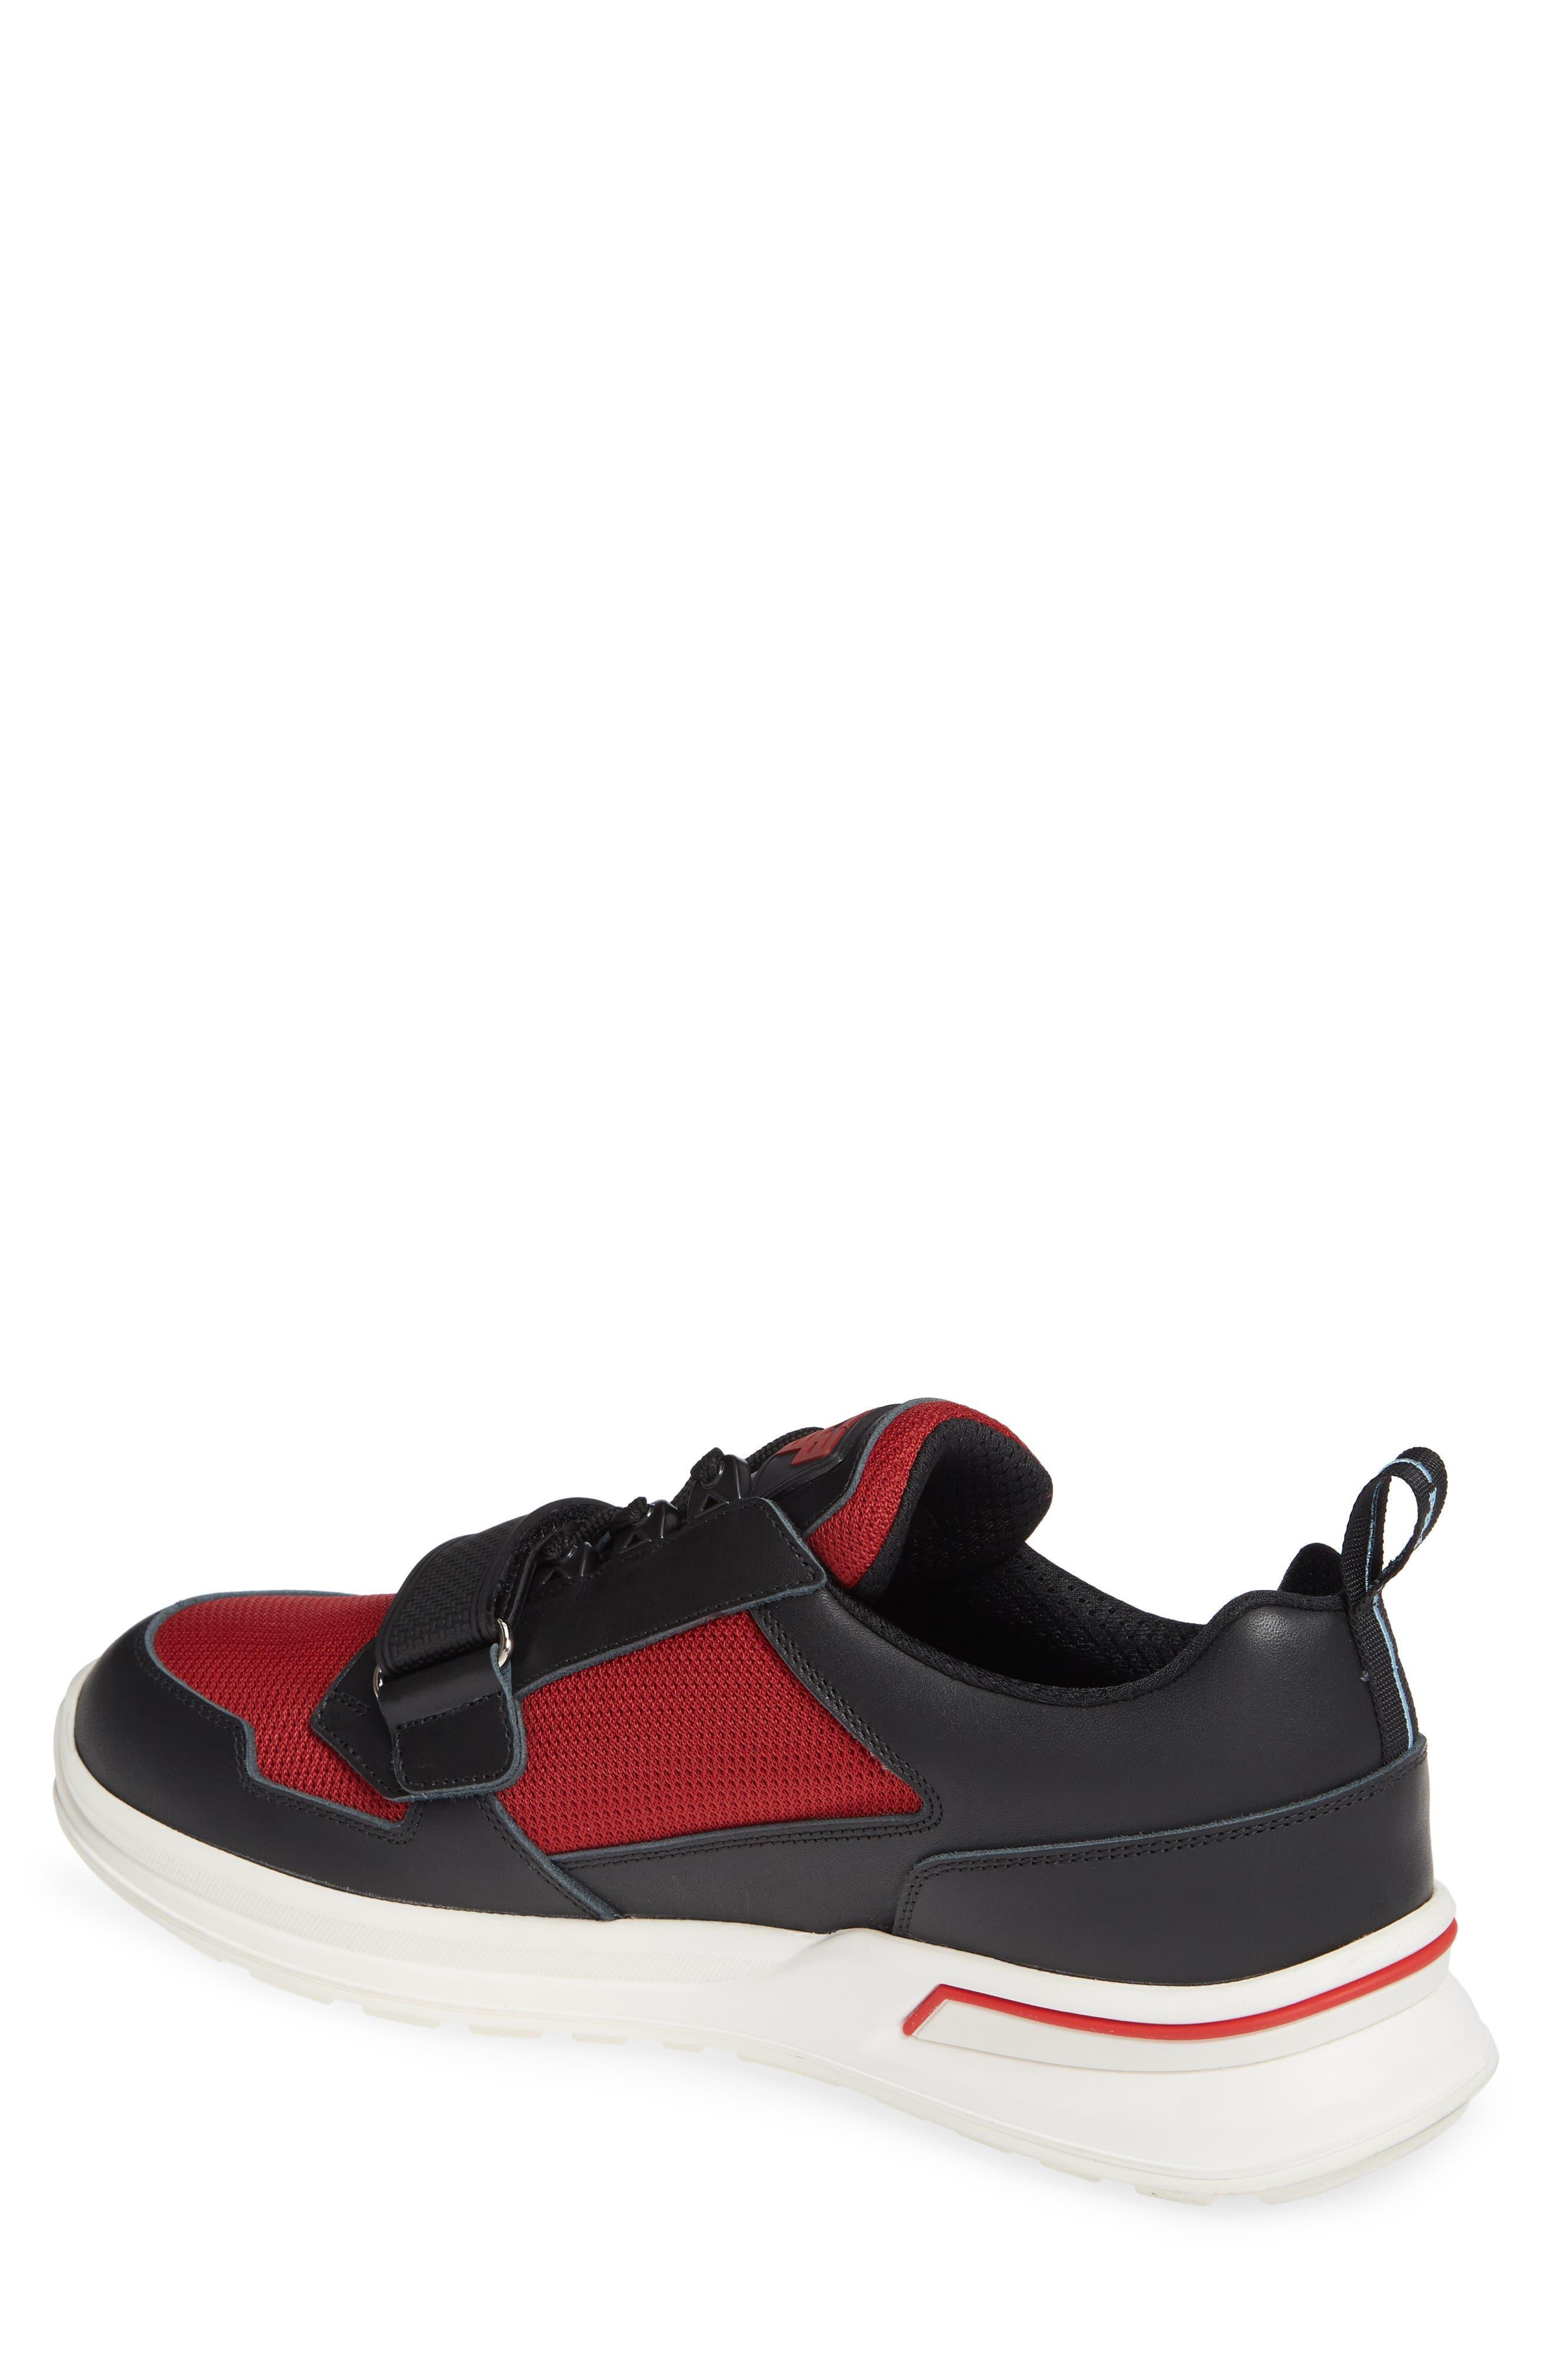 f471c78c09854b Men's Prada Shoes | Nordstrom